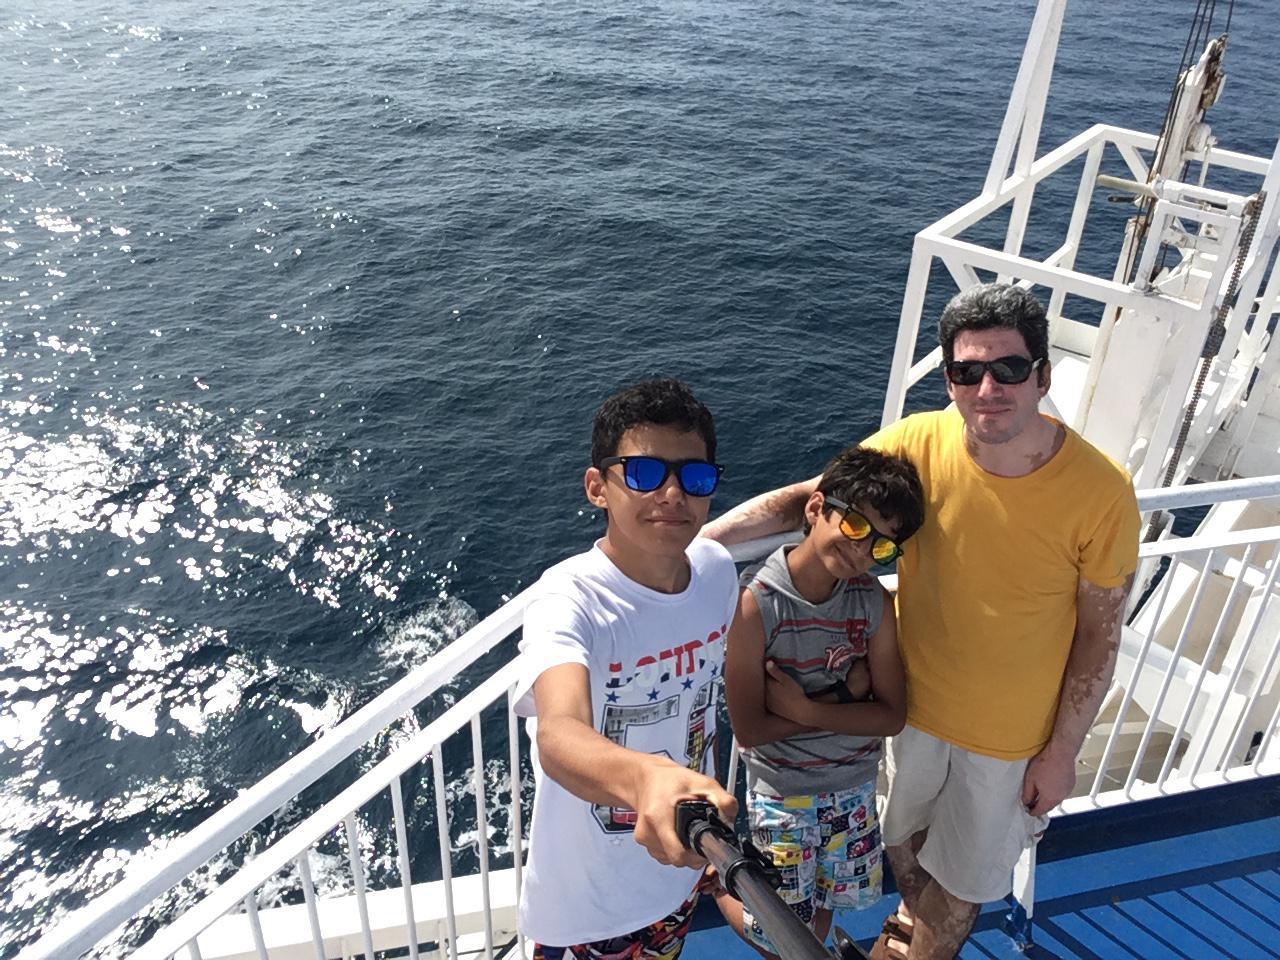 سفر به اروپا با کشتی